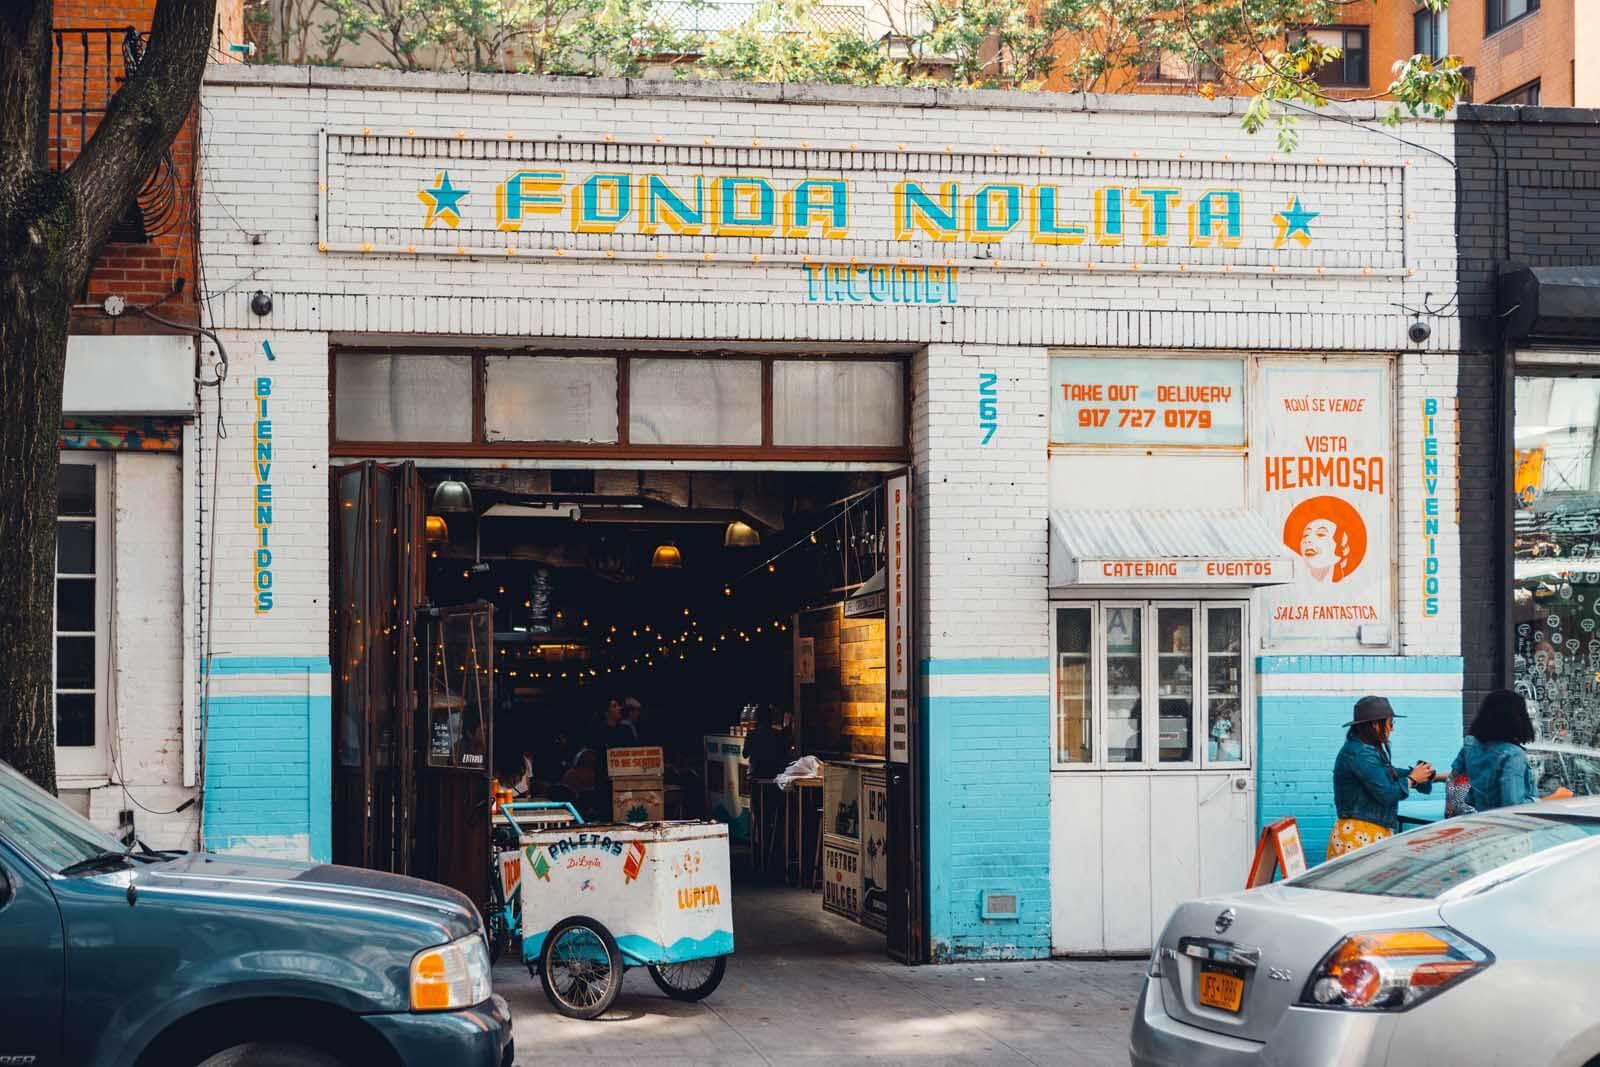 Tacombi Nolita Restaurant